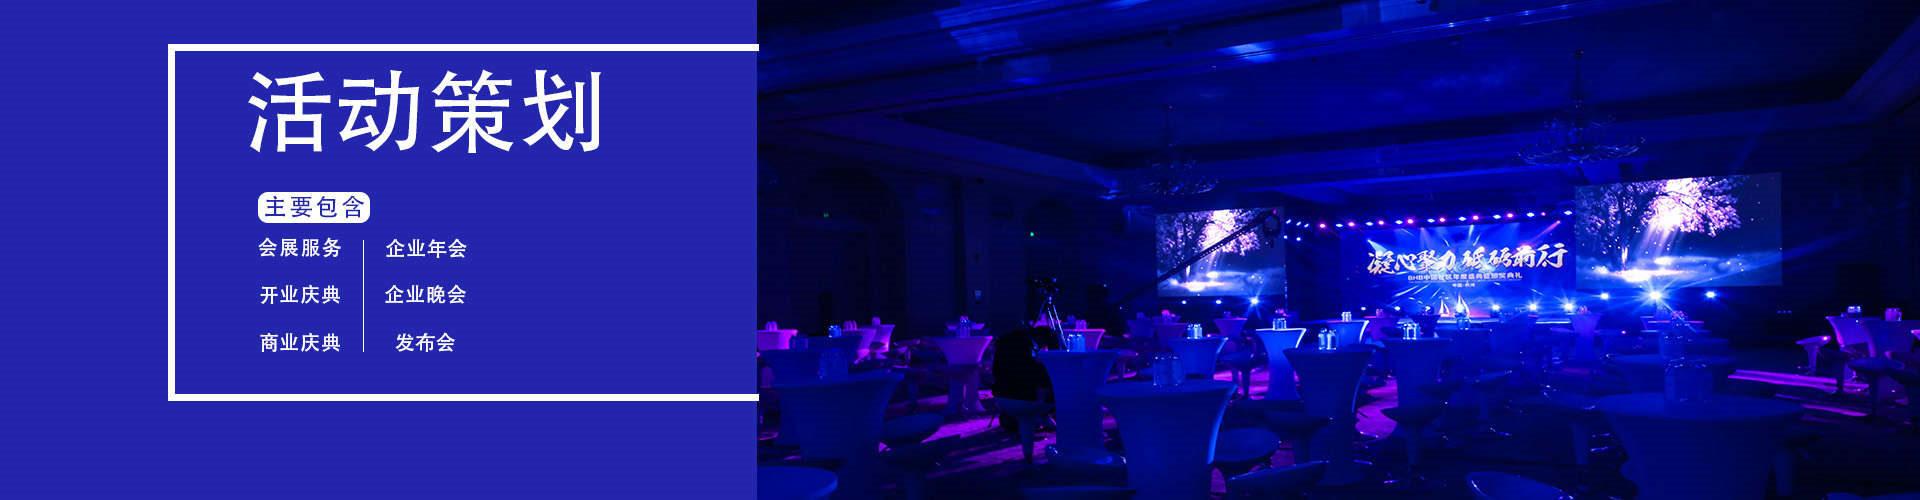 公司庆典晚会现场该如何进行安排?21-01-30